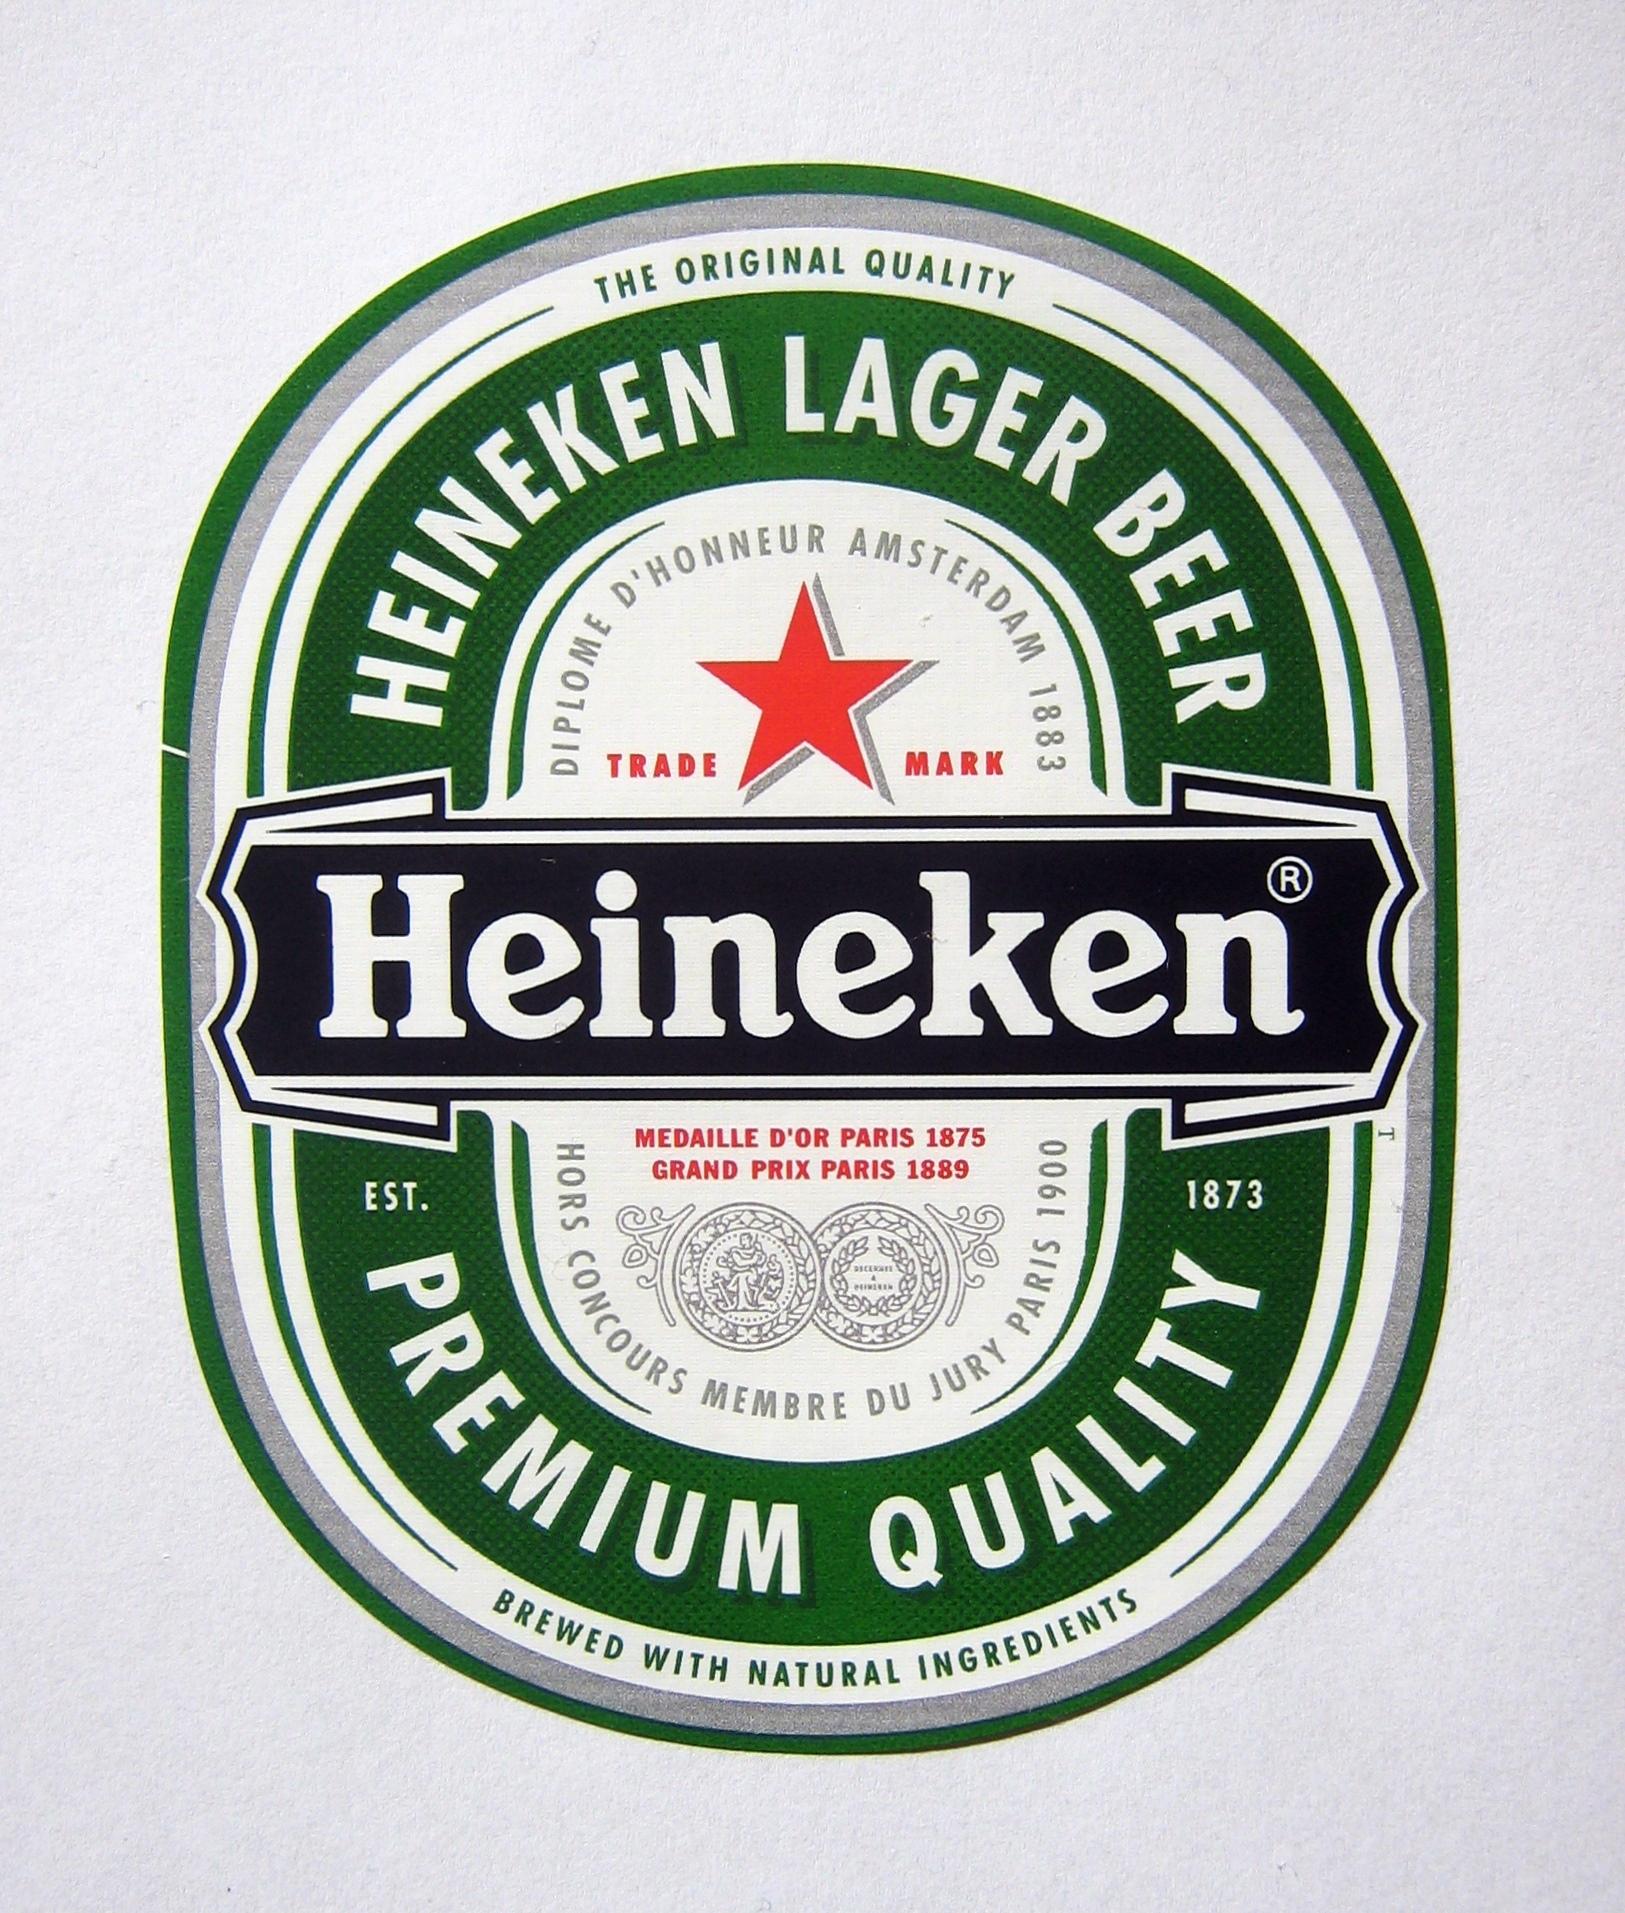 High Resolution Wallpaper   Heineken Lager 1625x1913 px